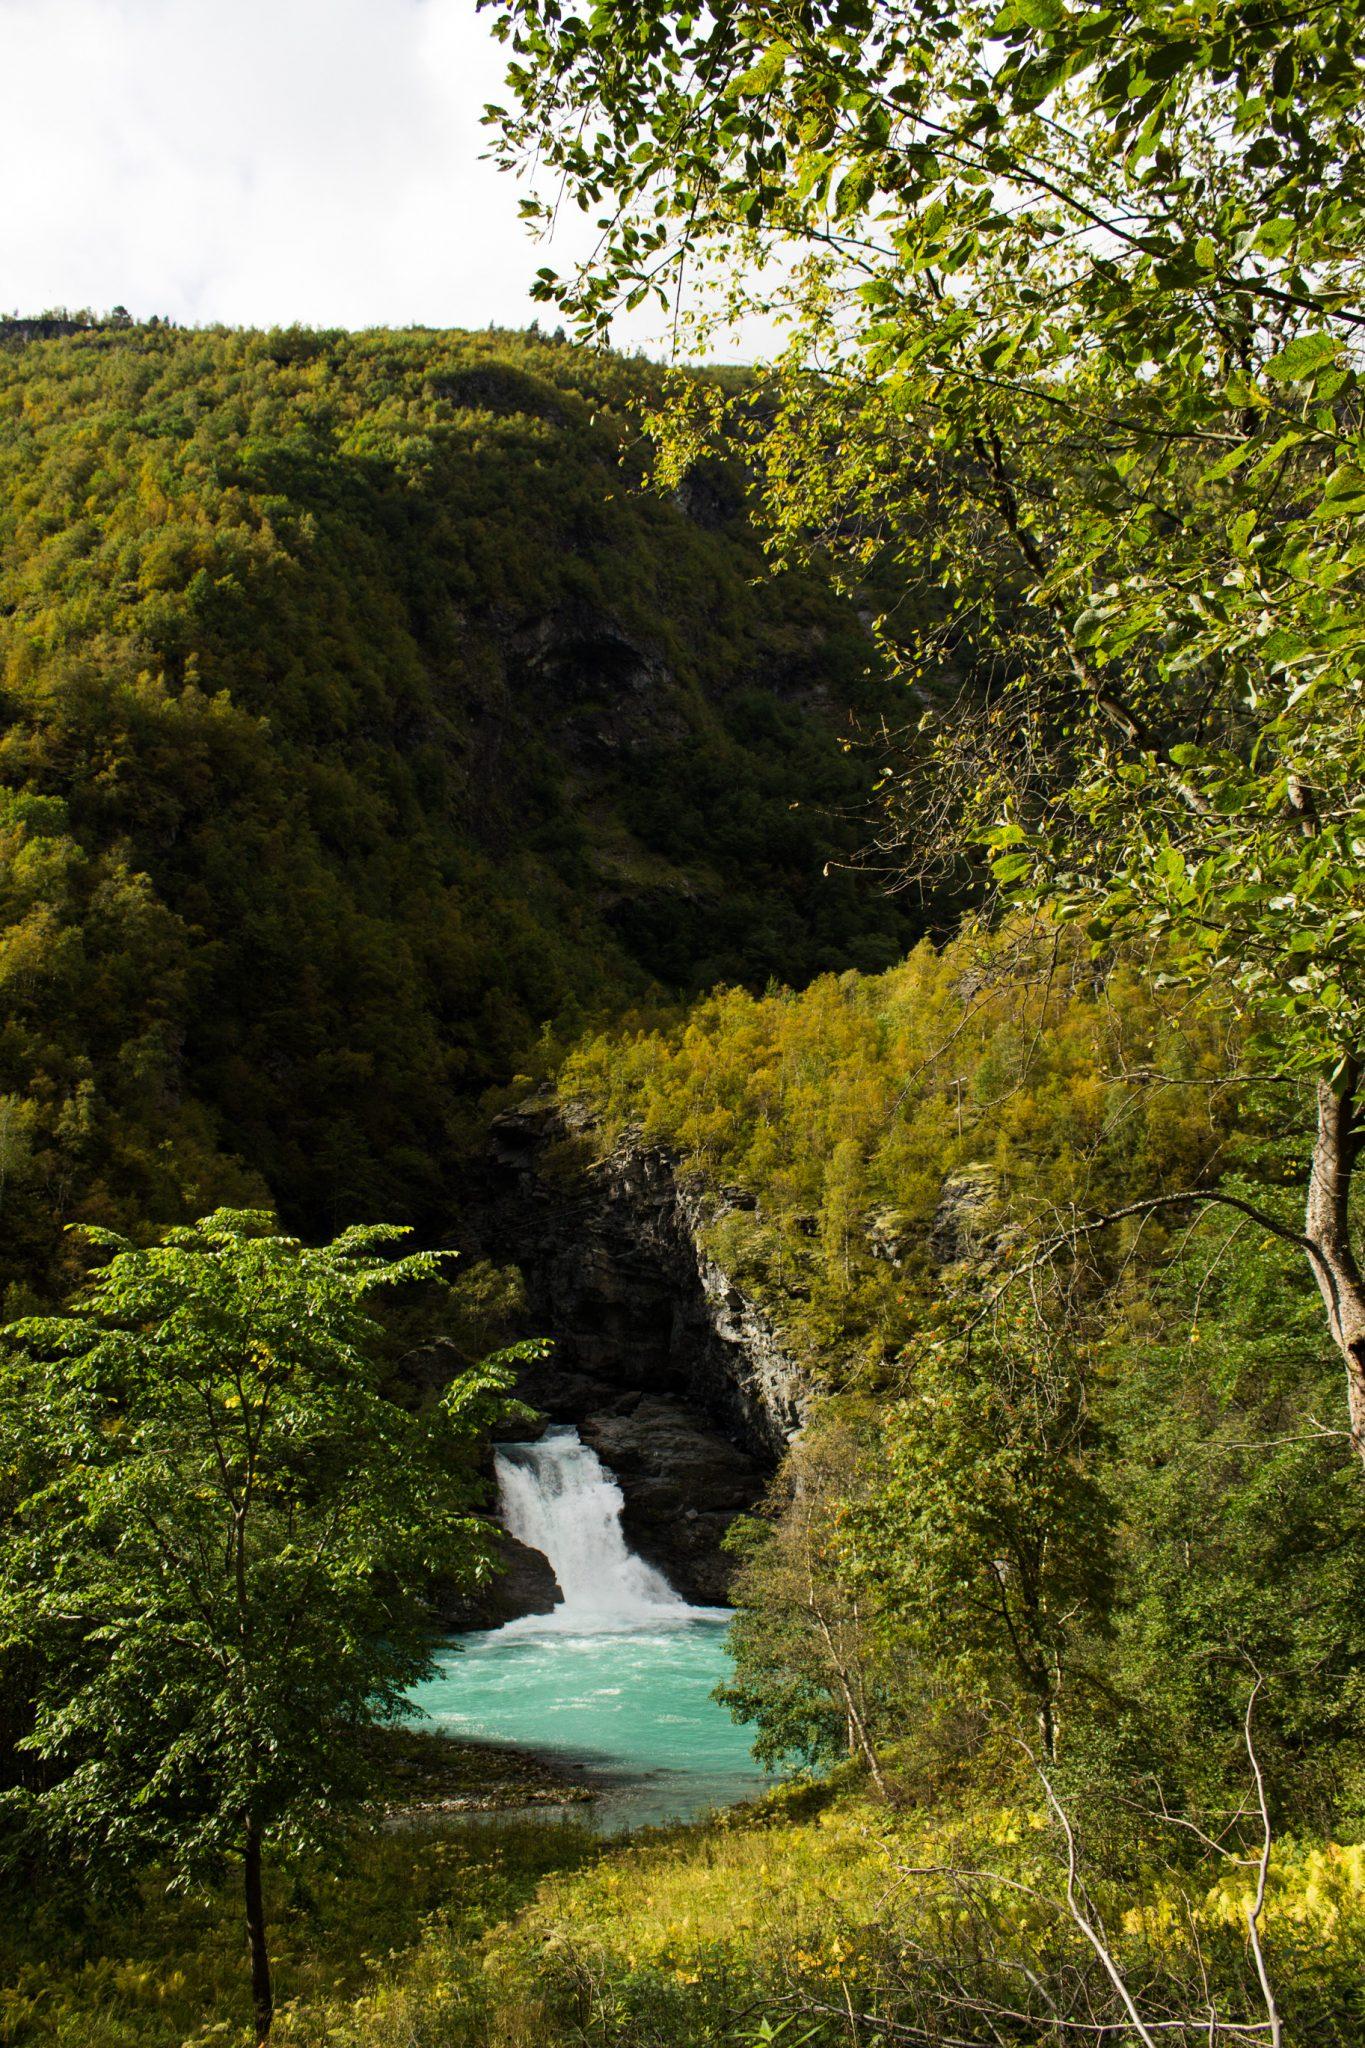 Wanderung zum Vettisfossen Wasserfall, höchster unregulierter Wasserfall in Norwegen, Blick von Brücke auf sehr klares Wasser im Fluß und schönen Wald umringt von Bergen, Sonne zaubert schönes Licht